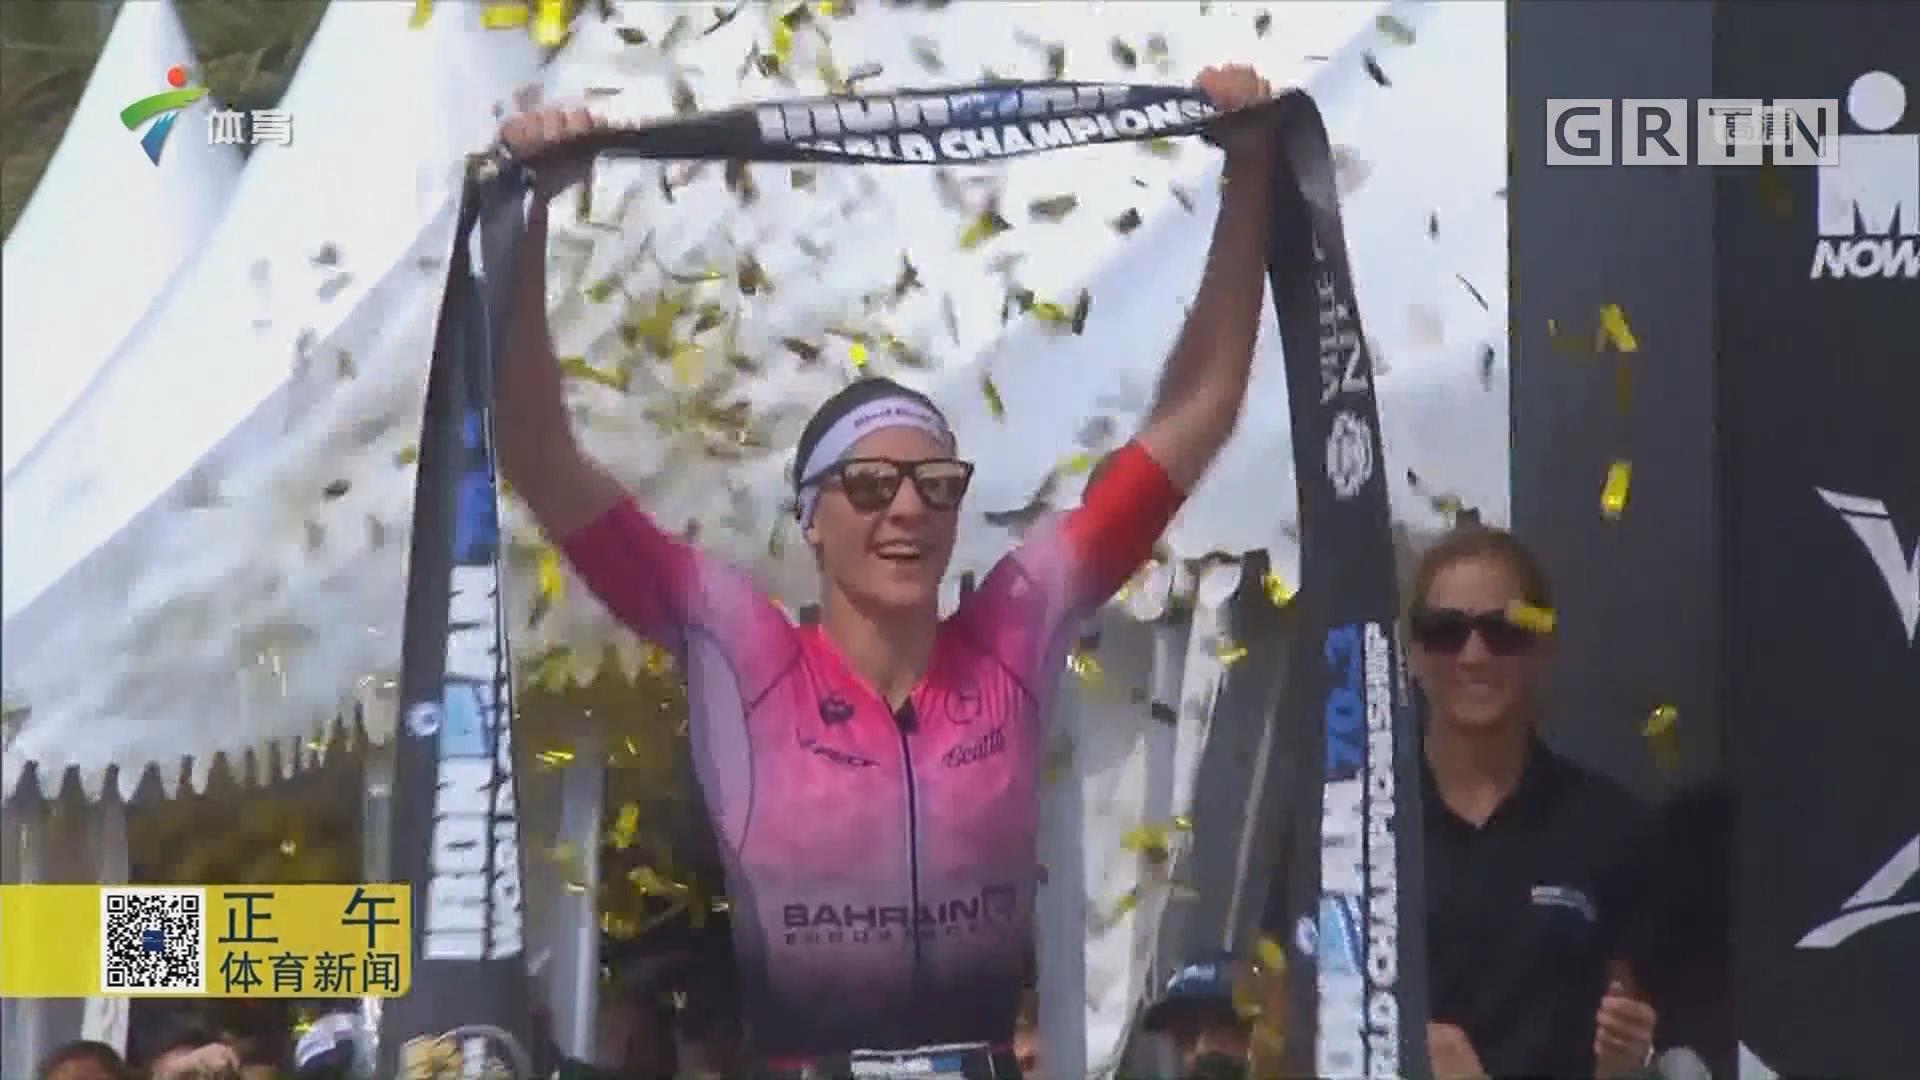 世界铁人三项 达尼拉·里夫夺女子冠军